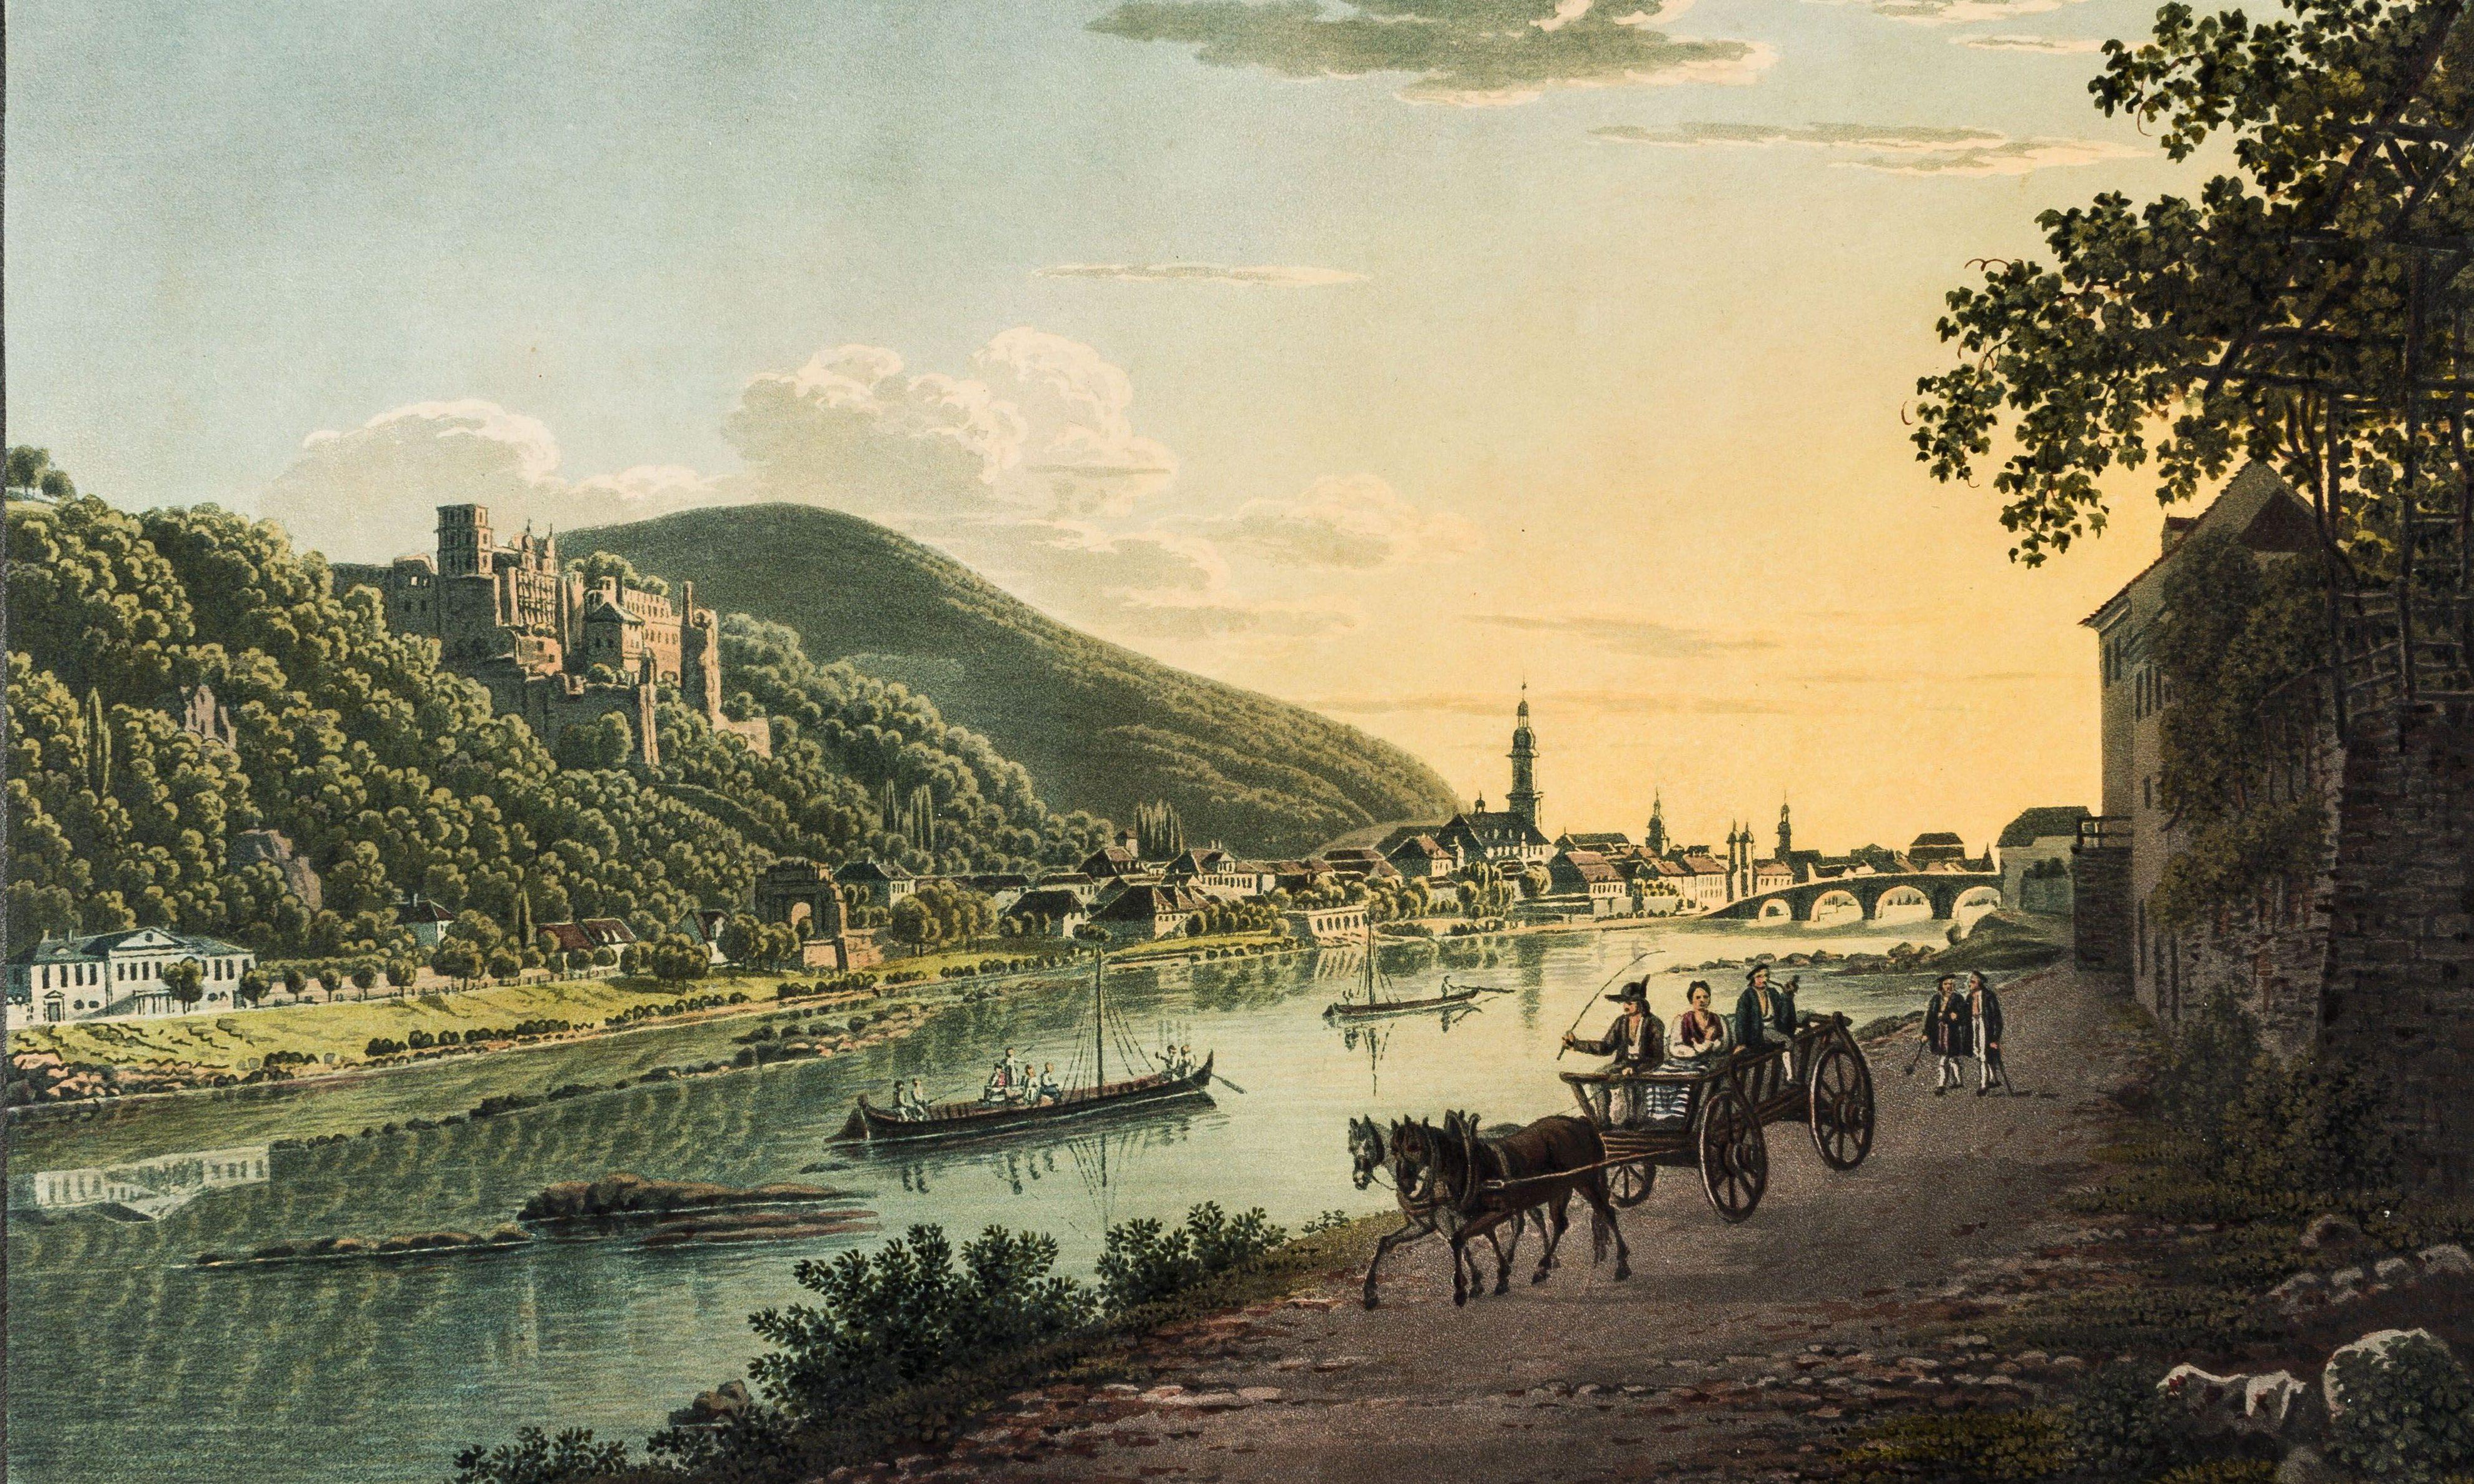 Malerische Reise nach Heidelberg. Johann Hürlimann, um 1822 Aquatinta koloriert. zur Verfügung gestellt von: Kupfälzisches Museum Heidelberg.